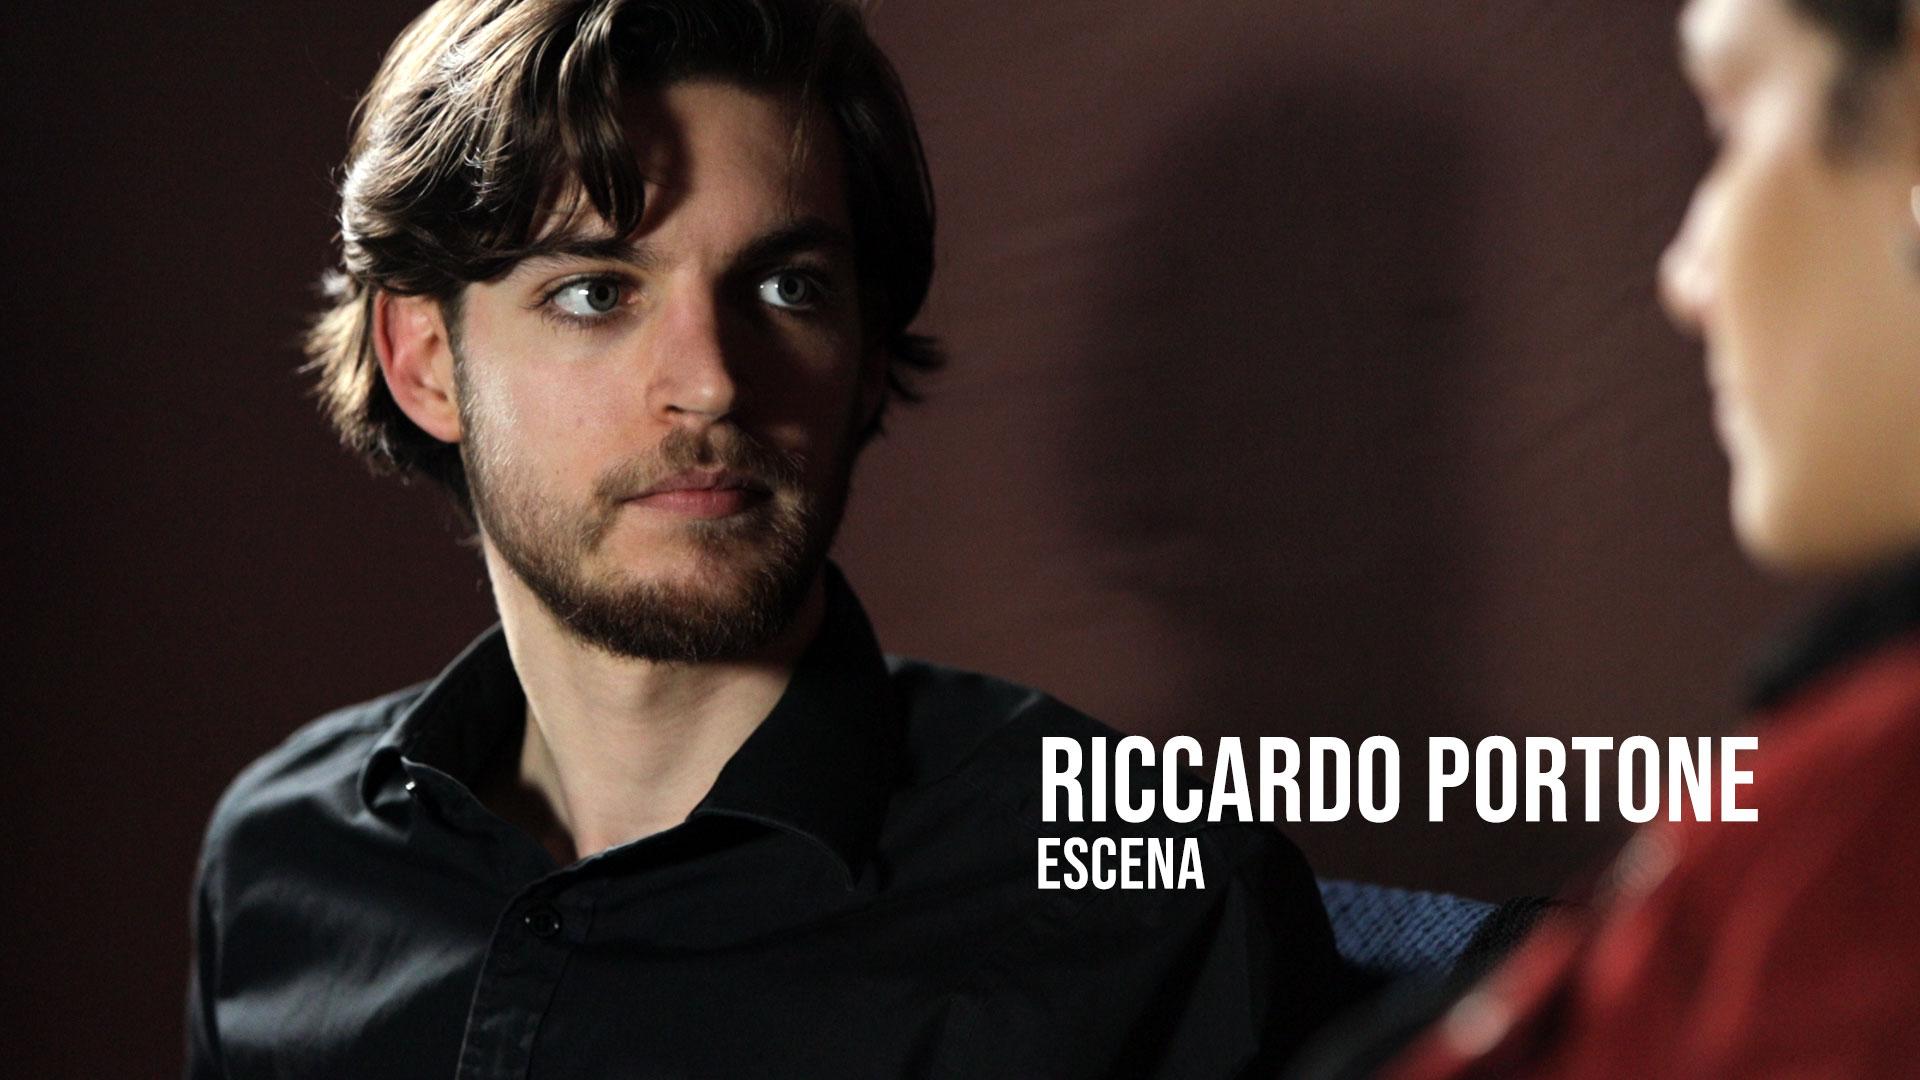 Riccardo Portone - Escena Actor